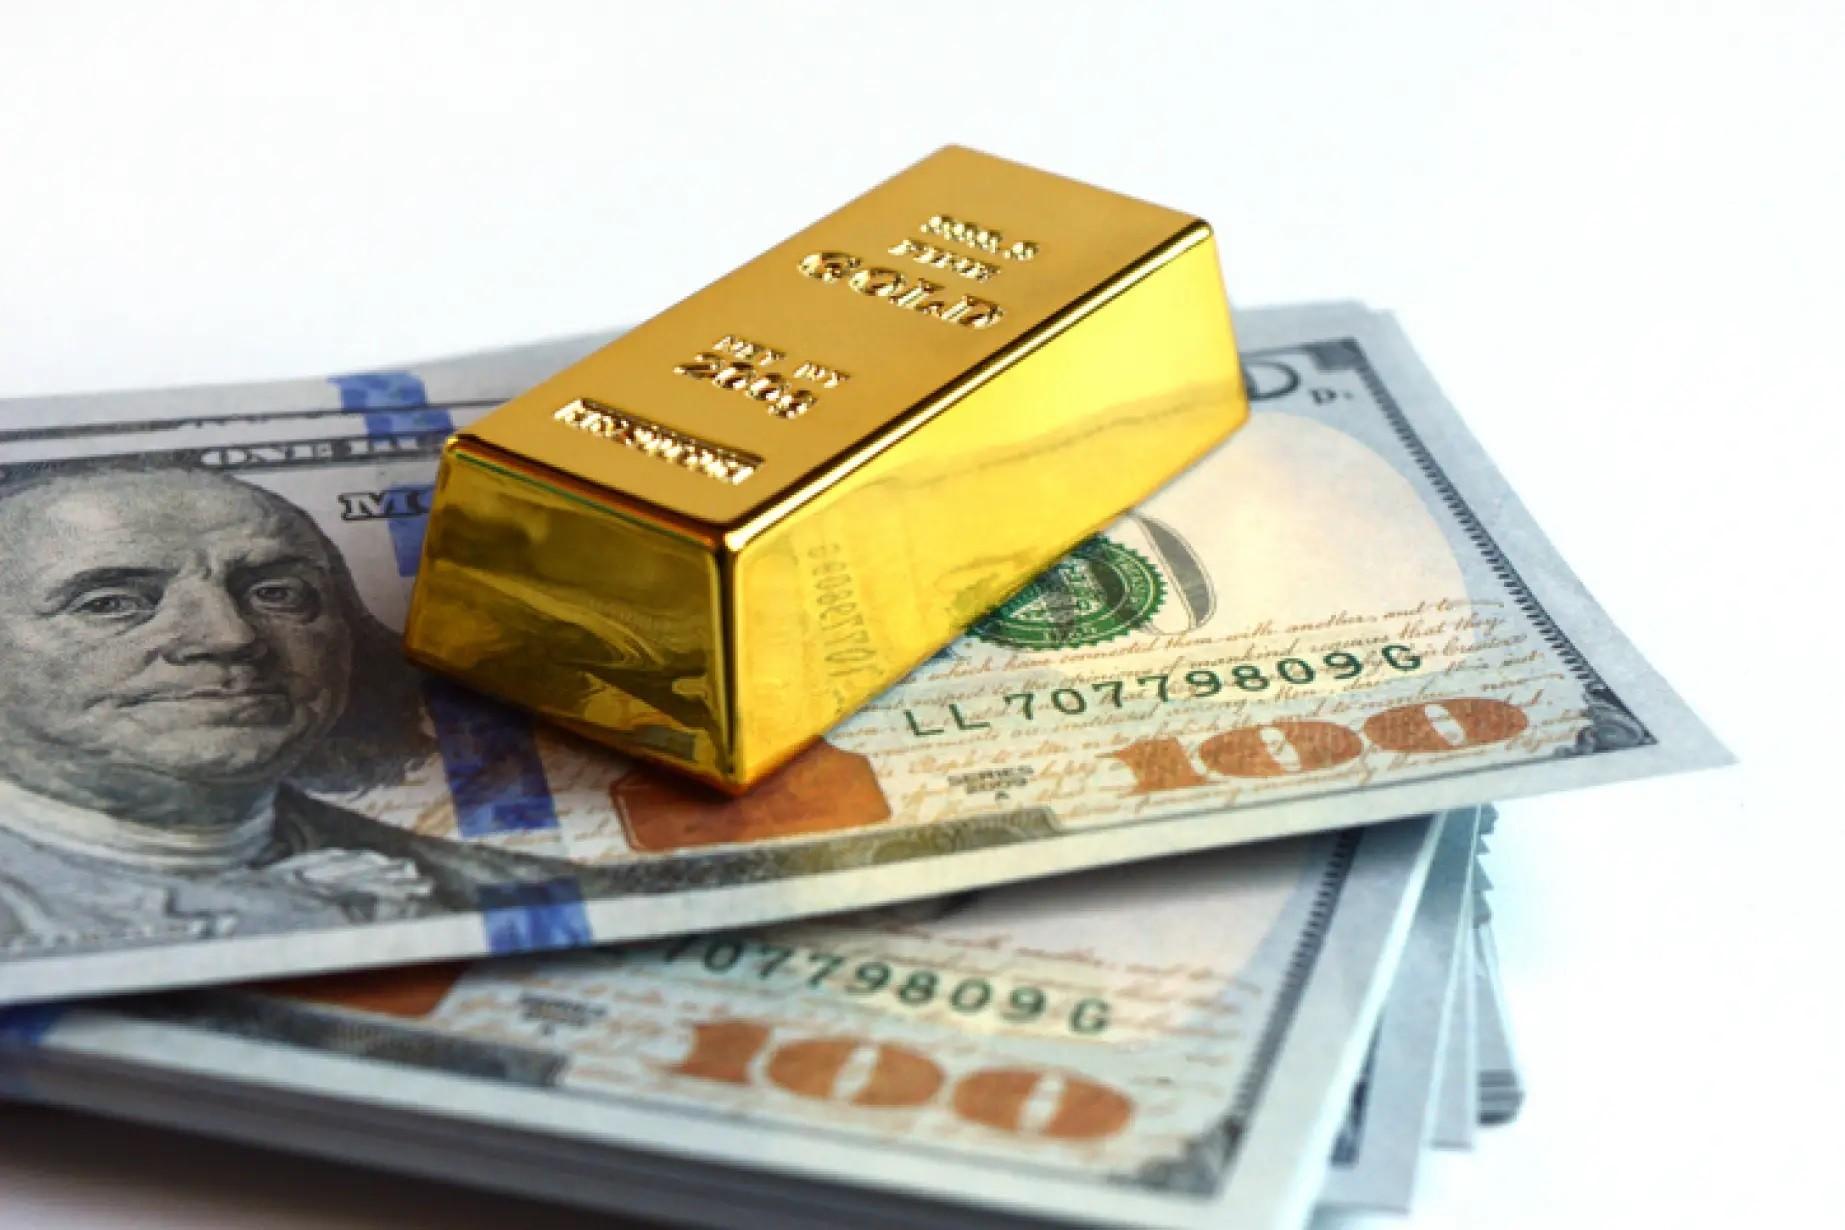 الذهب -الدولار -دولار وذهب -ذهب ودولار- اسعار الذهب-.jpg